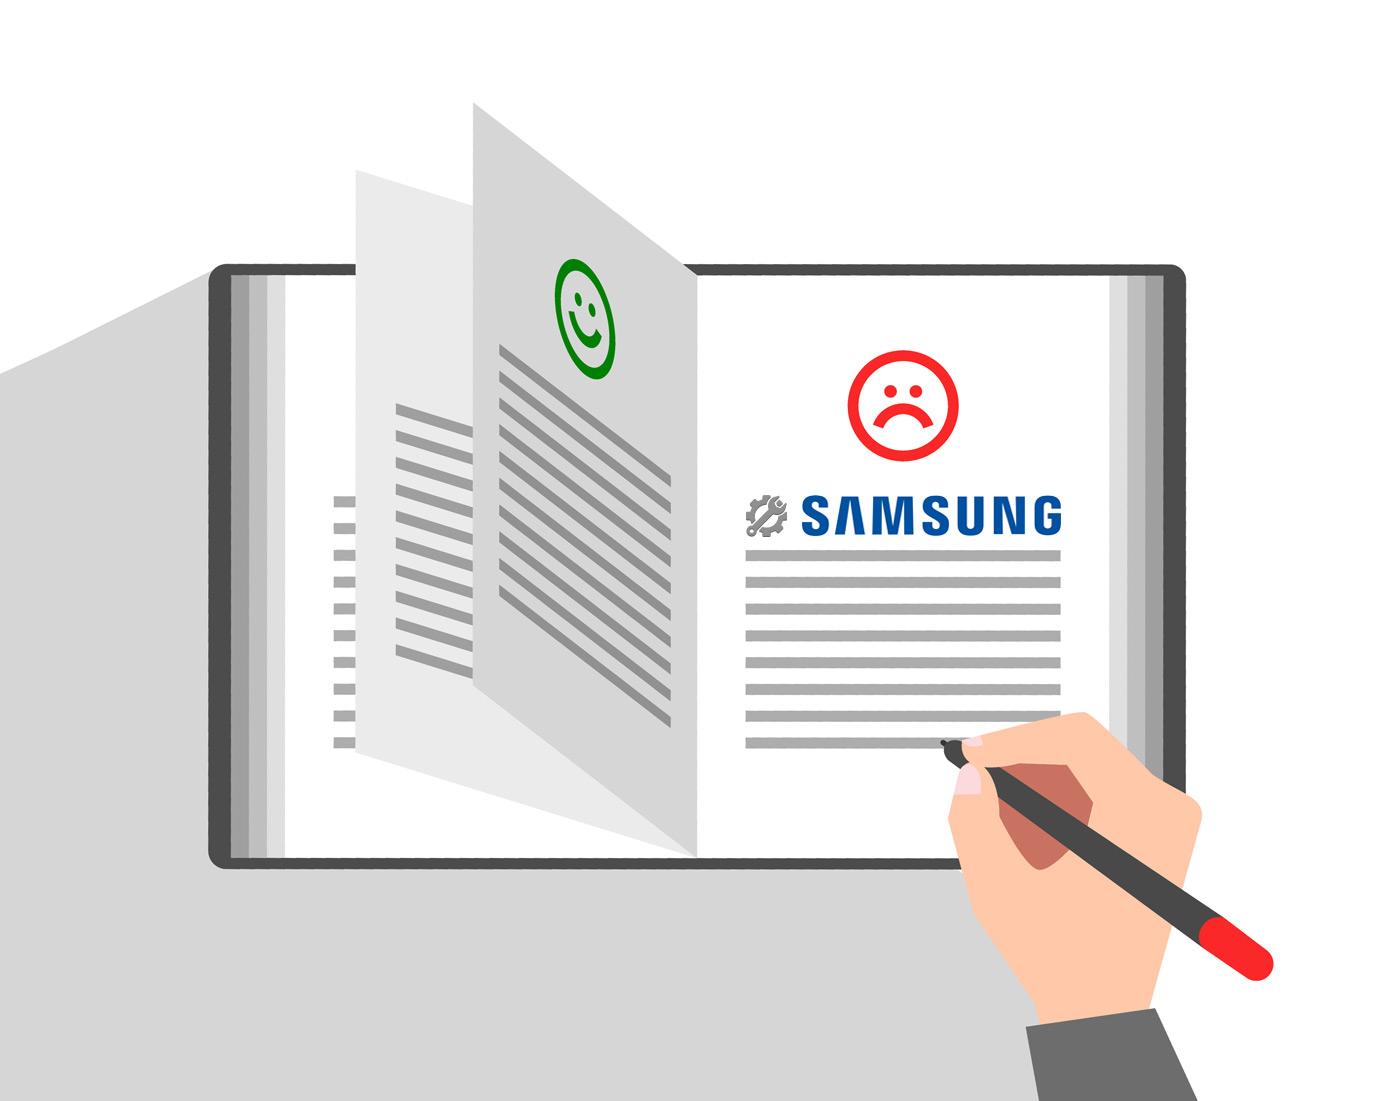 Книга жалоб. Сервисный центр Samsung во флагманском магазине